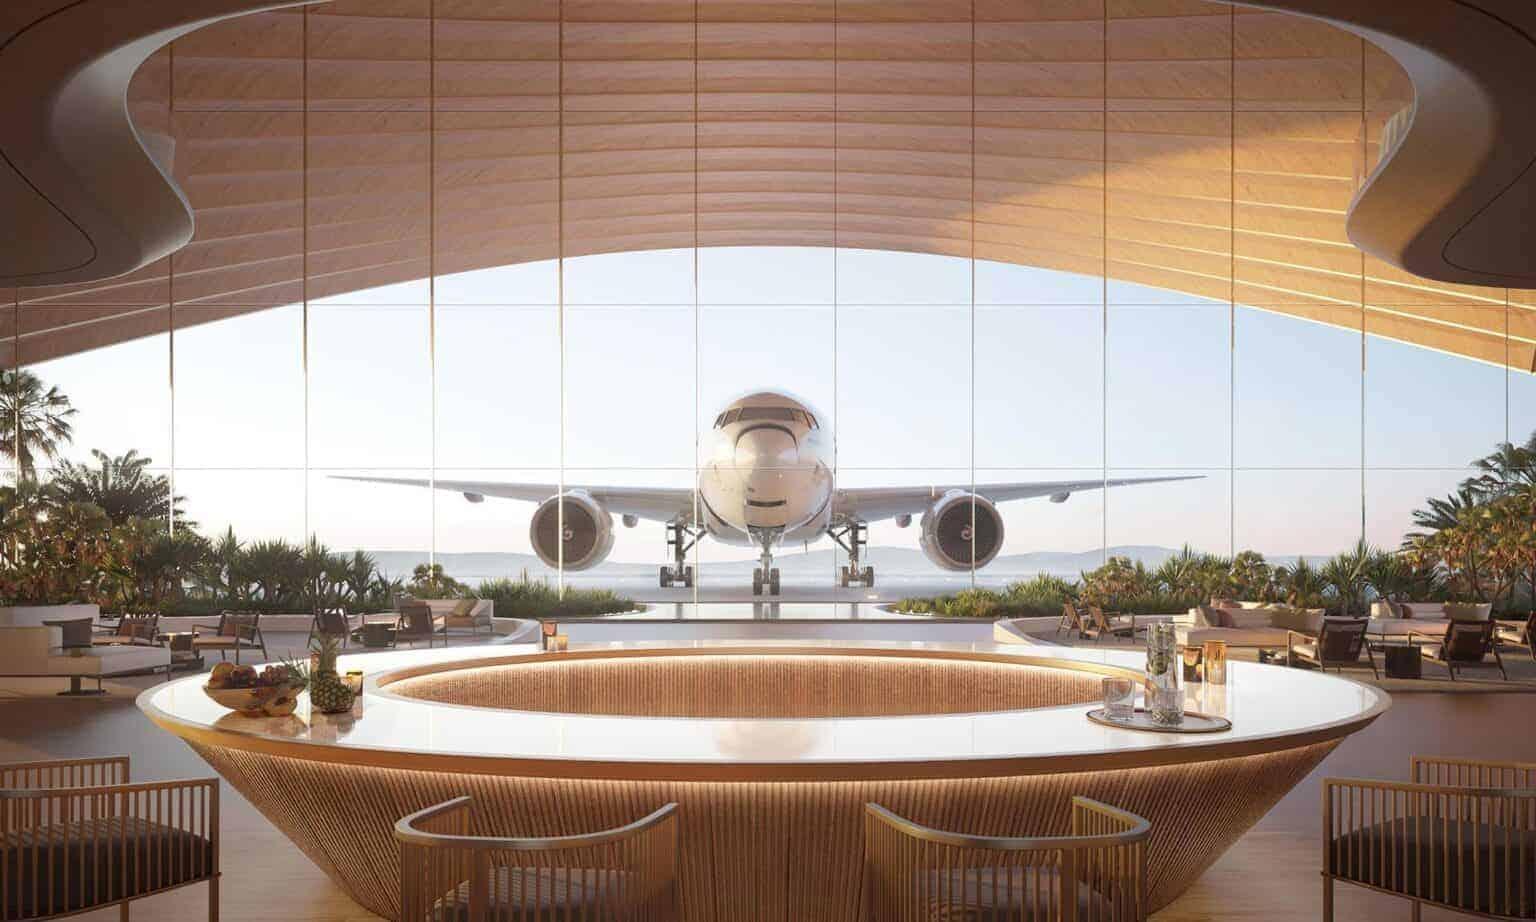 aeropuerto en el Mar Rojo